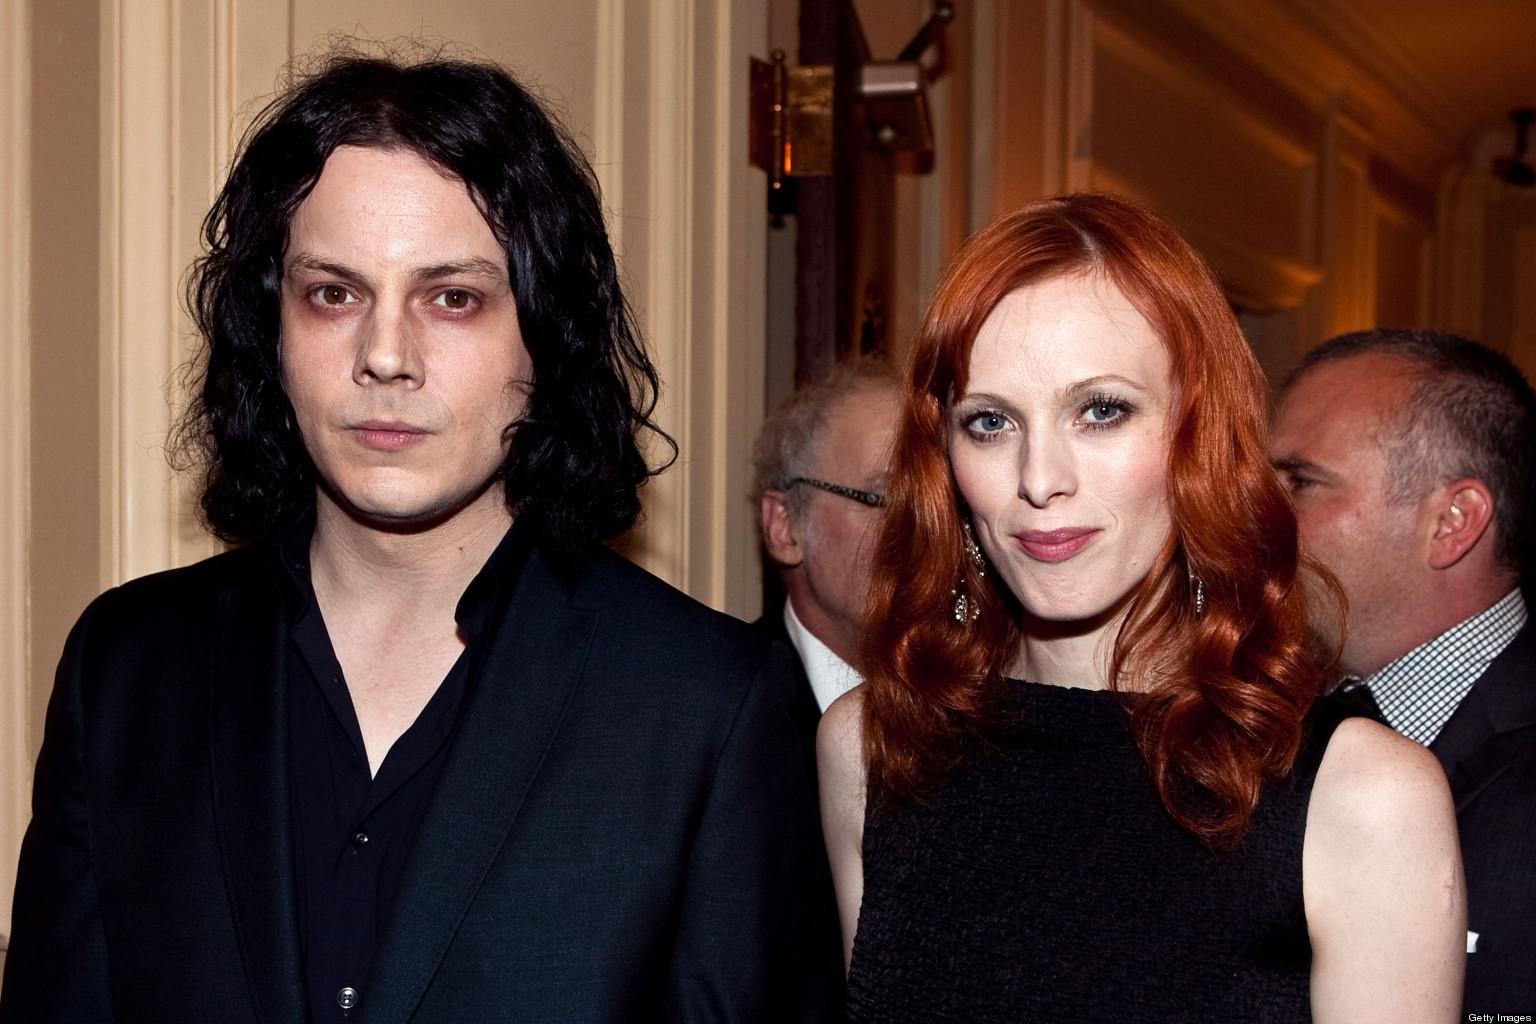 Jack White, Karen Elson: Model Discusses Divorce From ...